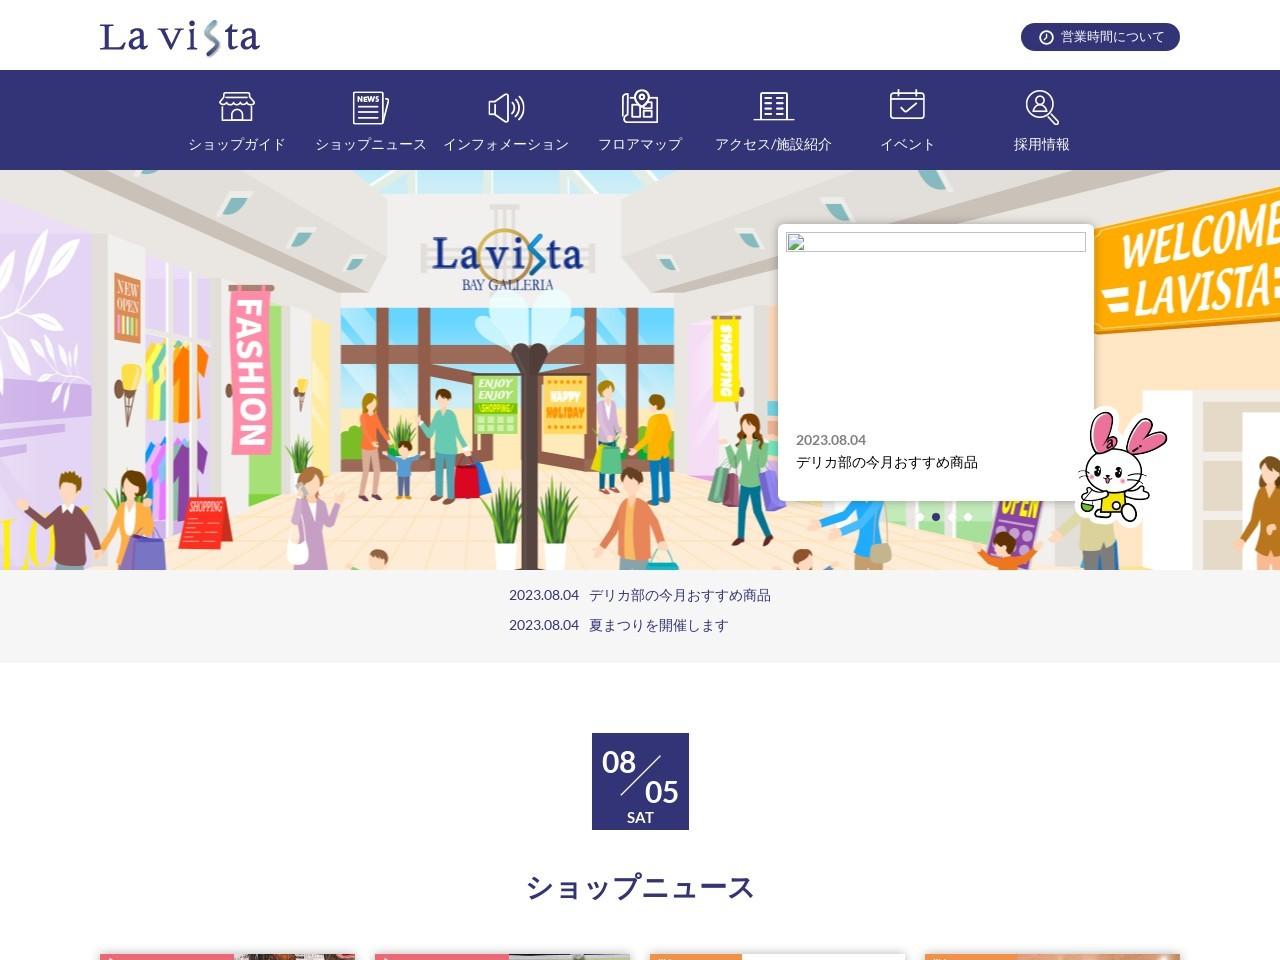 らびすた新杉田|JR根岸線新杉田駅直結。30以上の専門店やショップを擁すショッピングモールです。